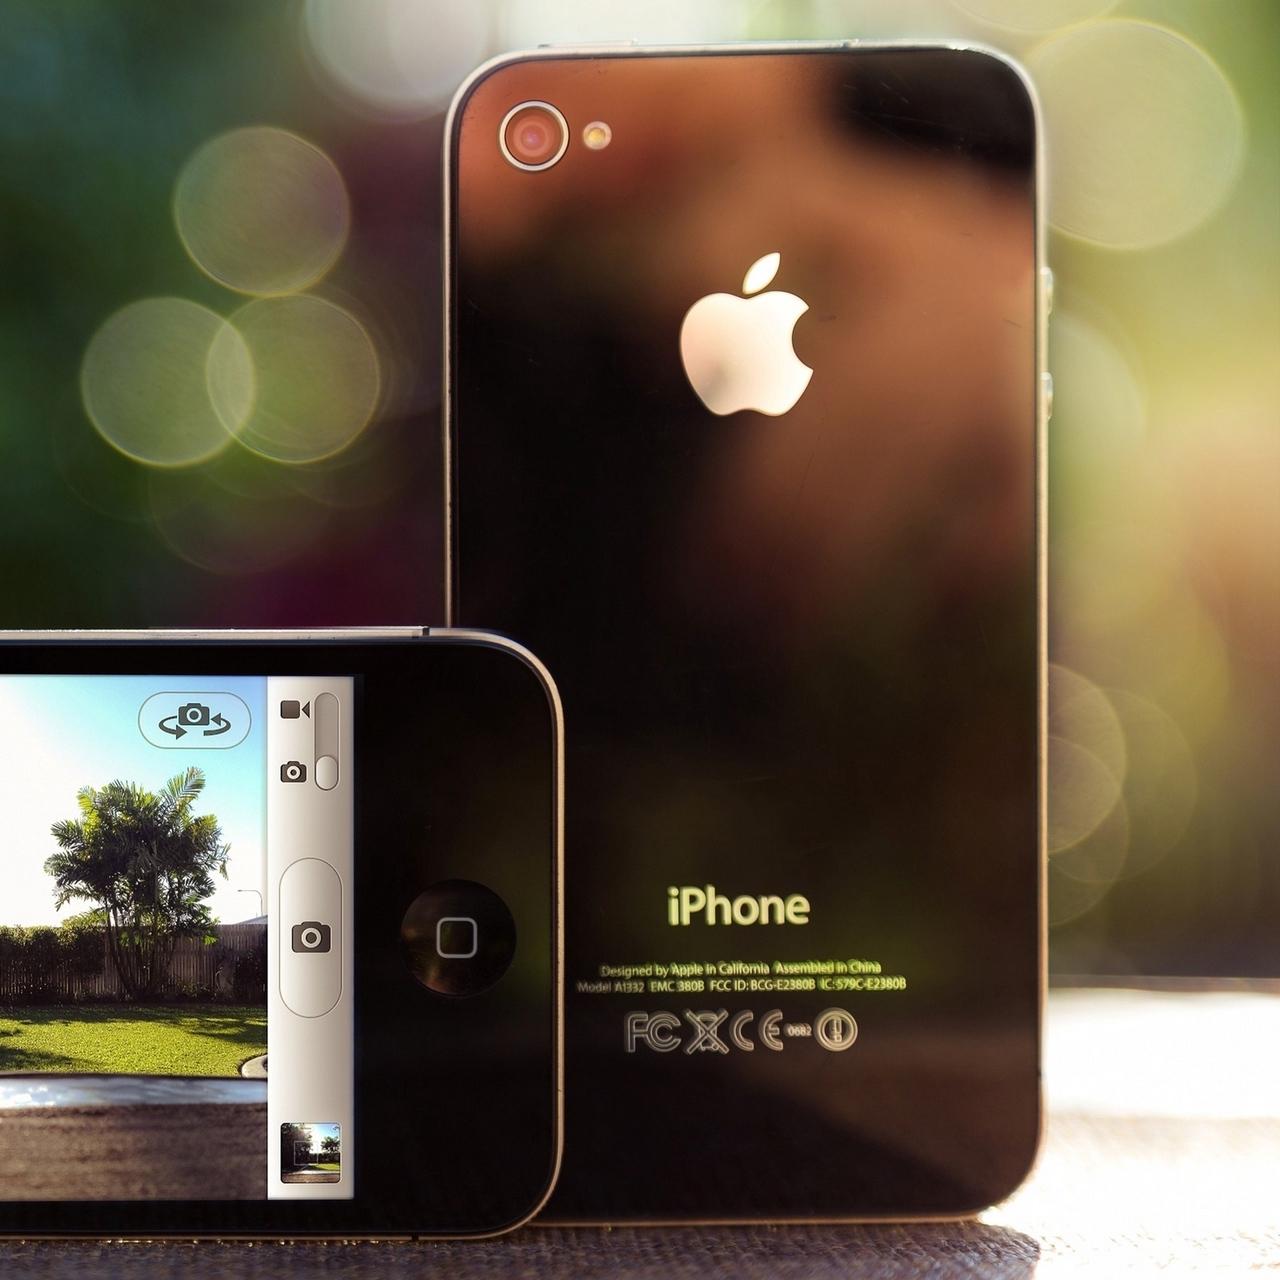 Wallpaper Iphone, Apple, Mac, Mobile Phone, Display, - Iphone 4 - HD Wallpaper